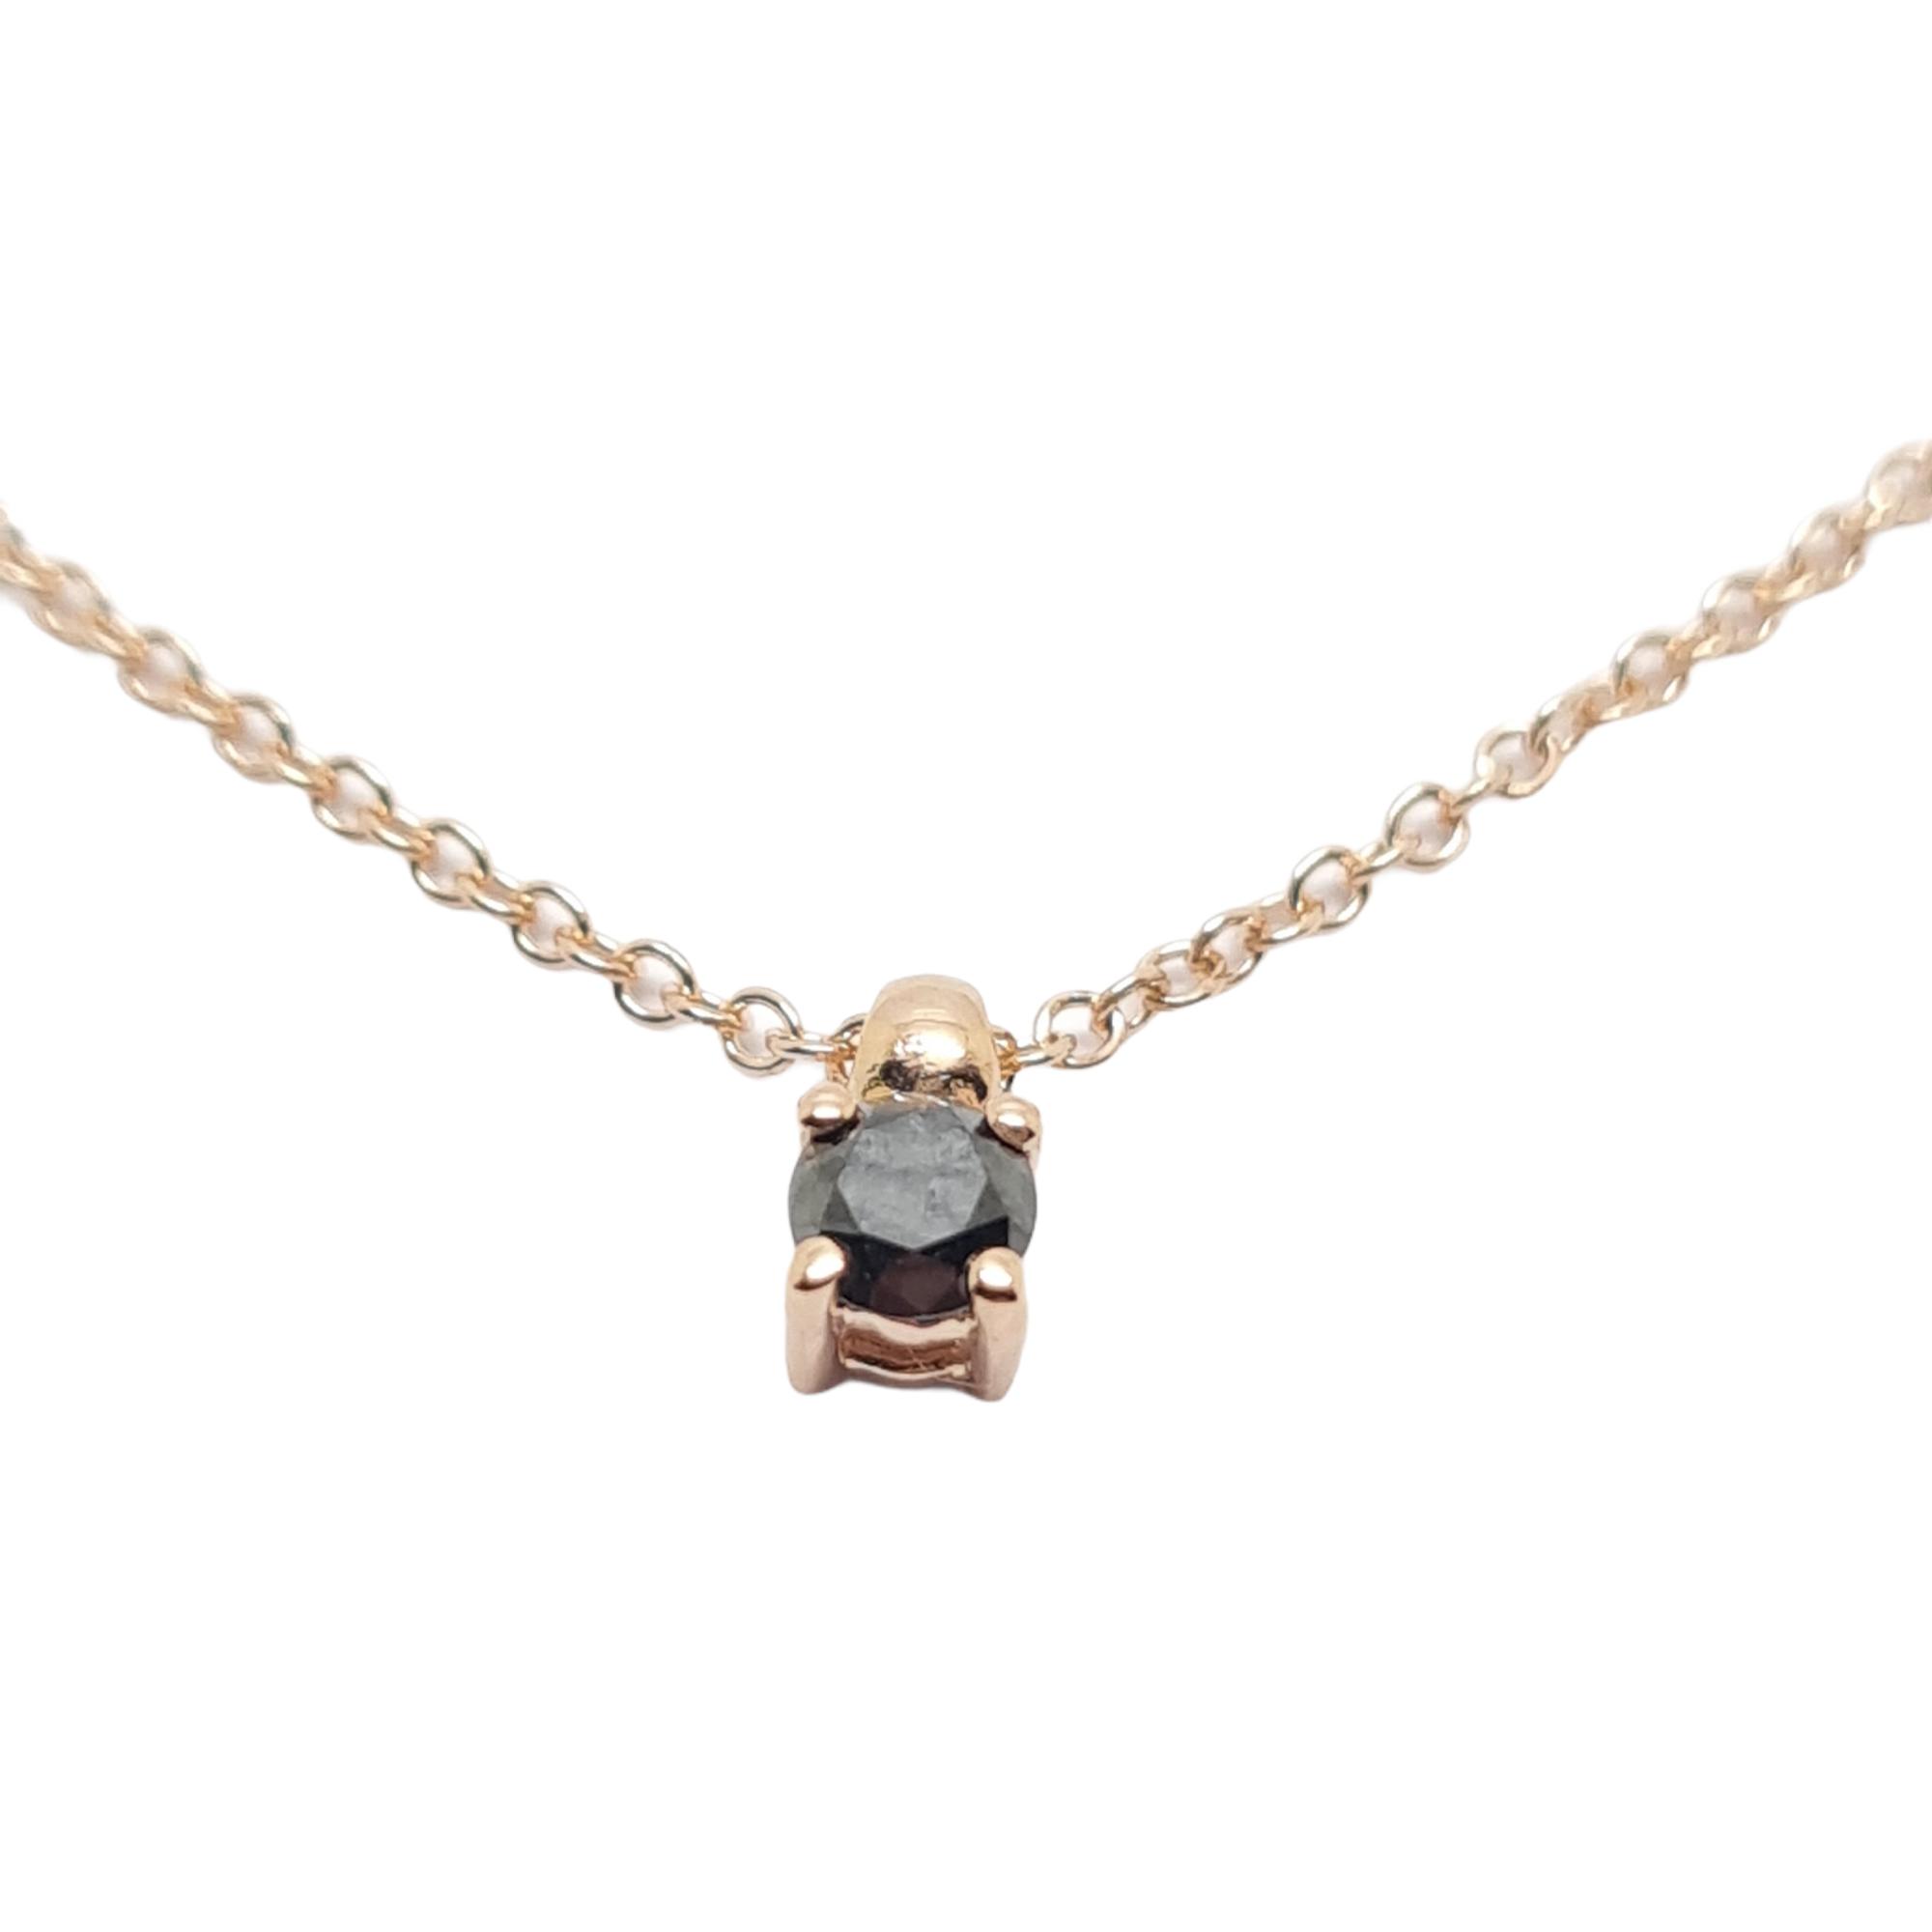 Μονόπετρο μενταγιόν απο ροζ χρυσό κ18 με μαύρο διαμάντι σε καστόνι με τέσσερα δόντια.